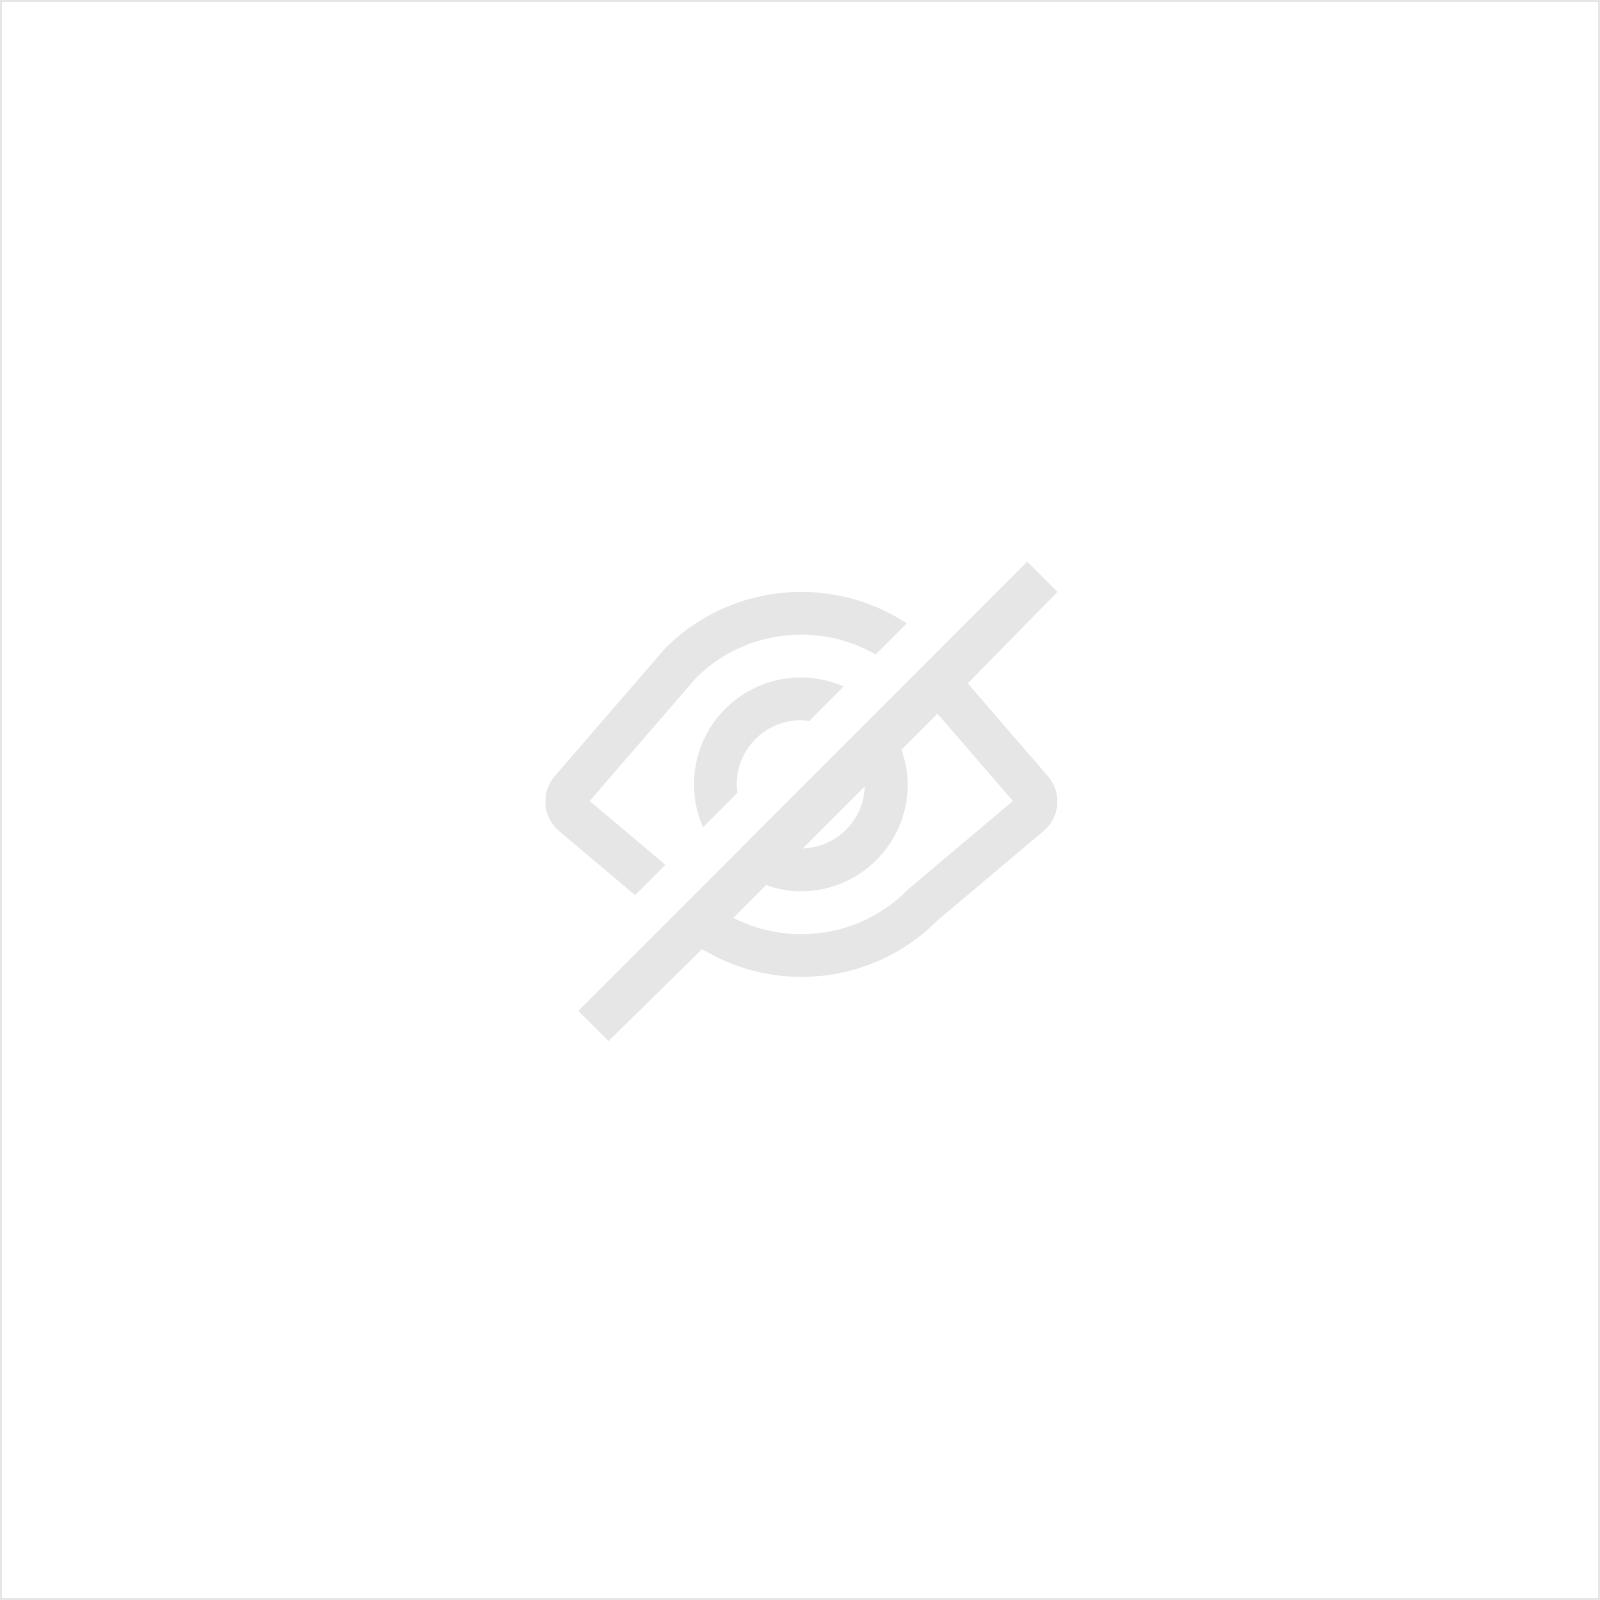 MEGUIAR'S DETAILING CLAY AGGRESSIVE (C2100)